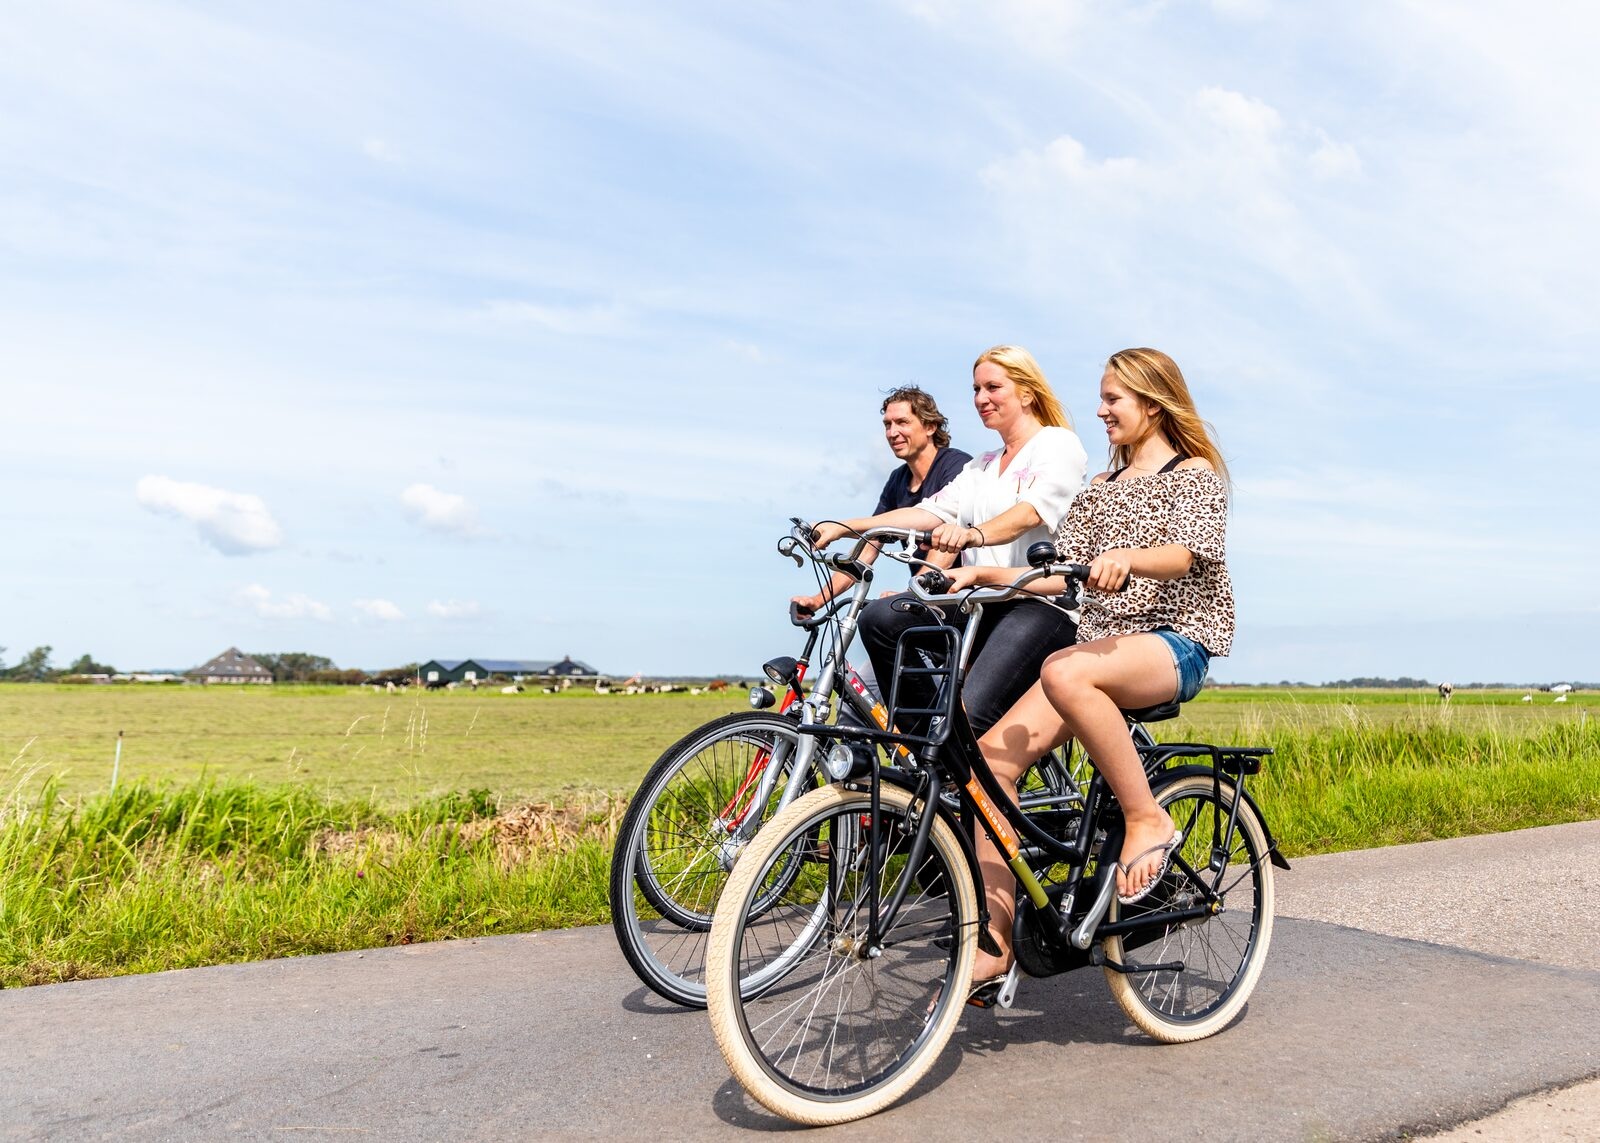 Fahrradvermietung